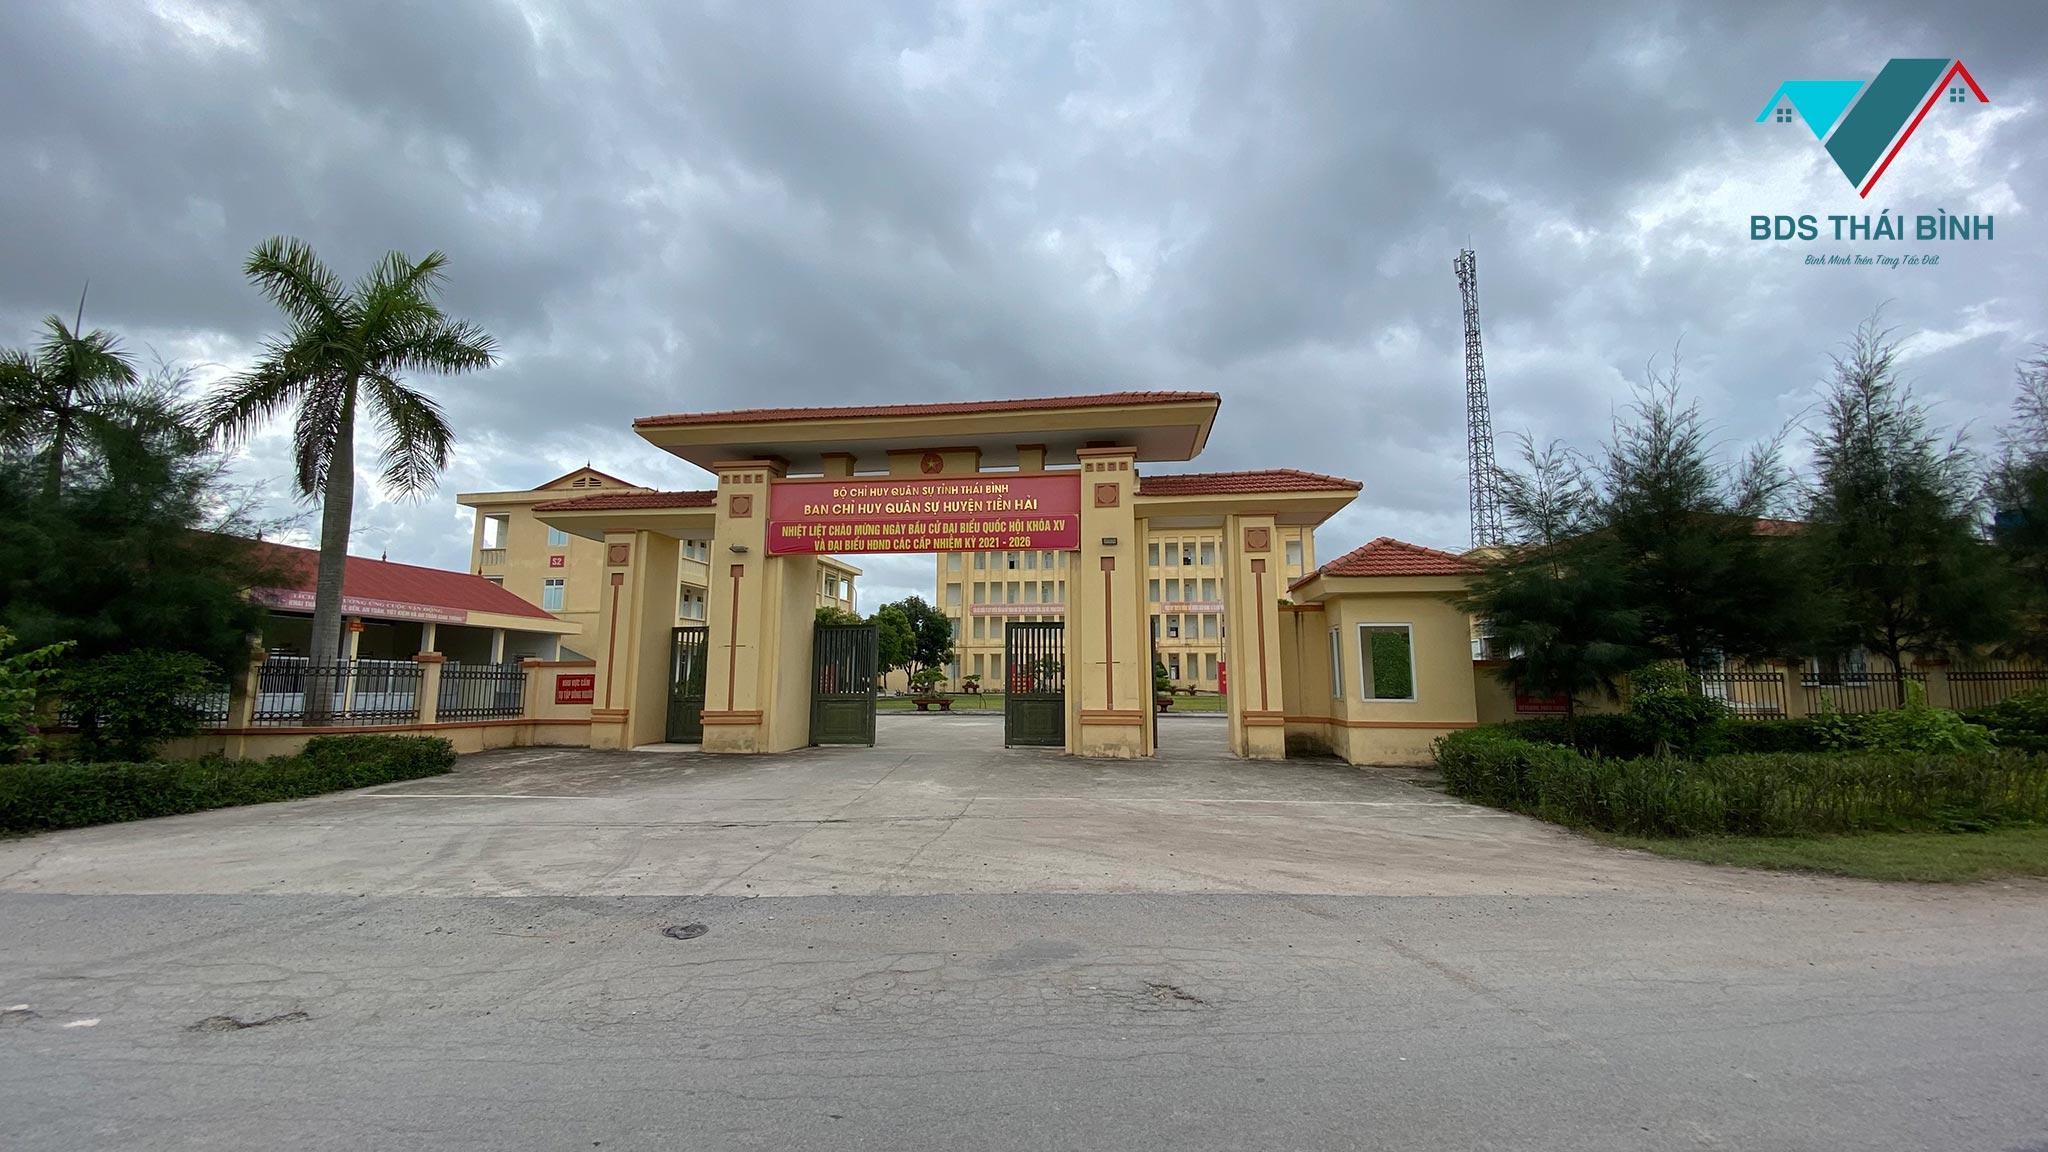 Ban Chỉ Huy Quân Sự Huyện Tiền Hải ngay trước cửa ngõ Tiền Hải Center City